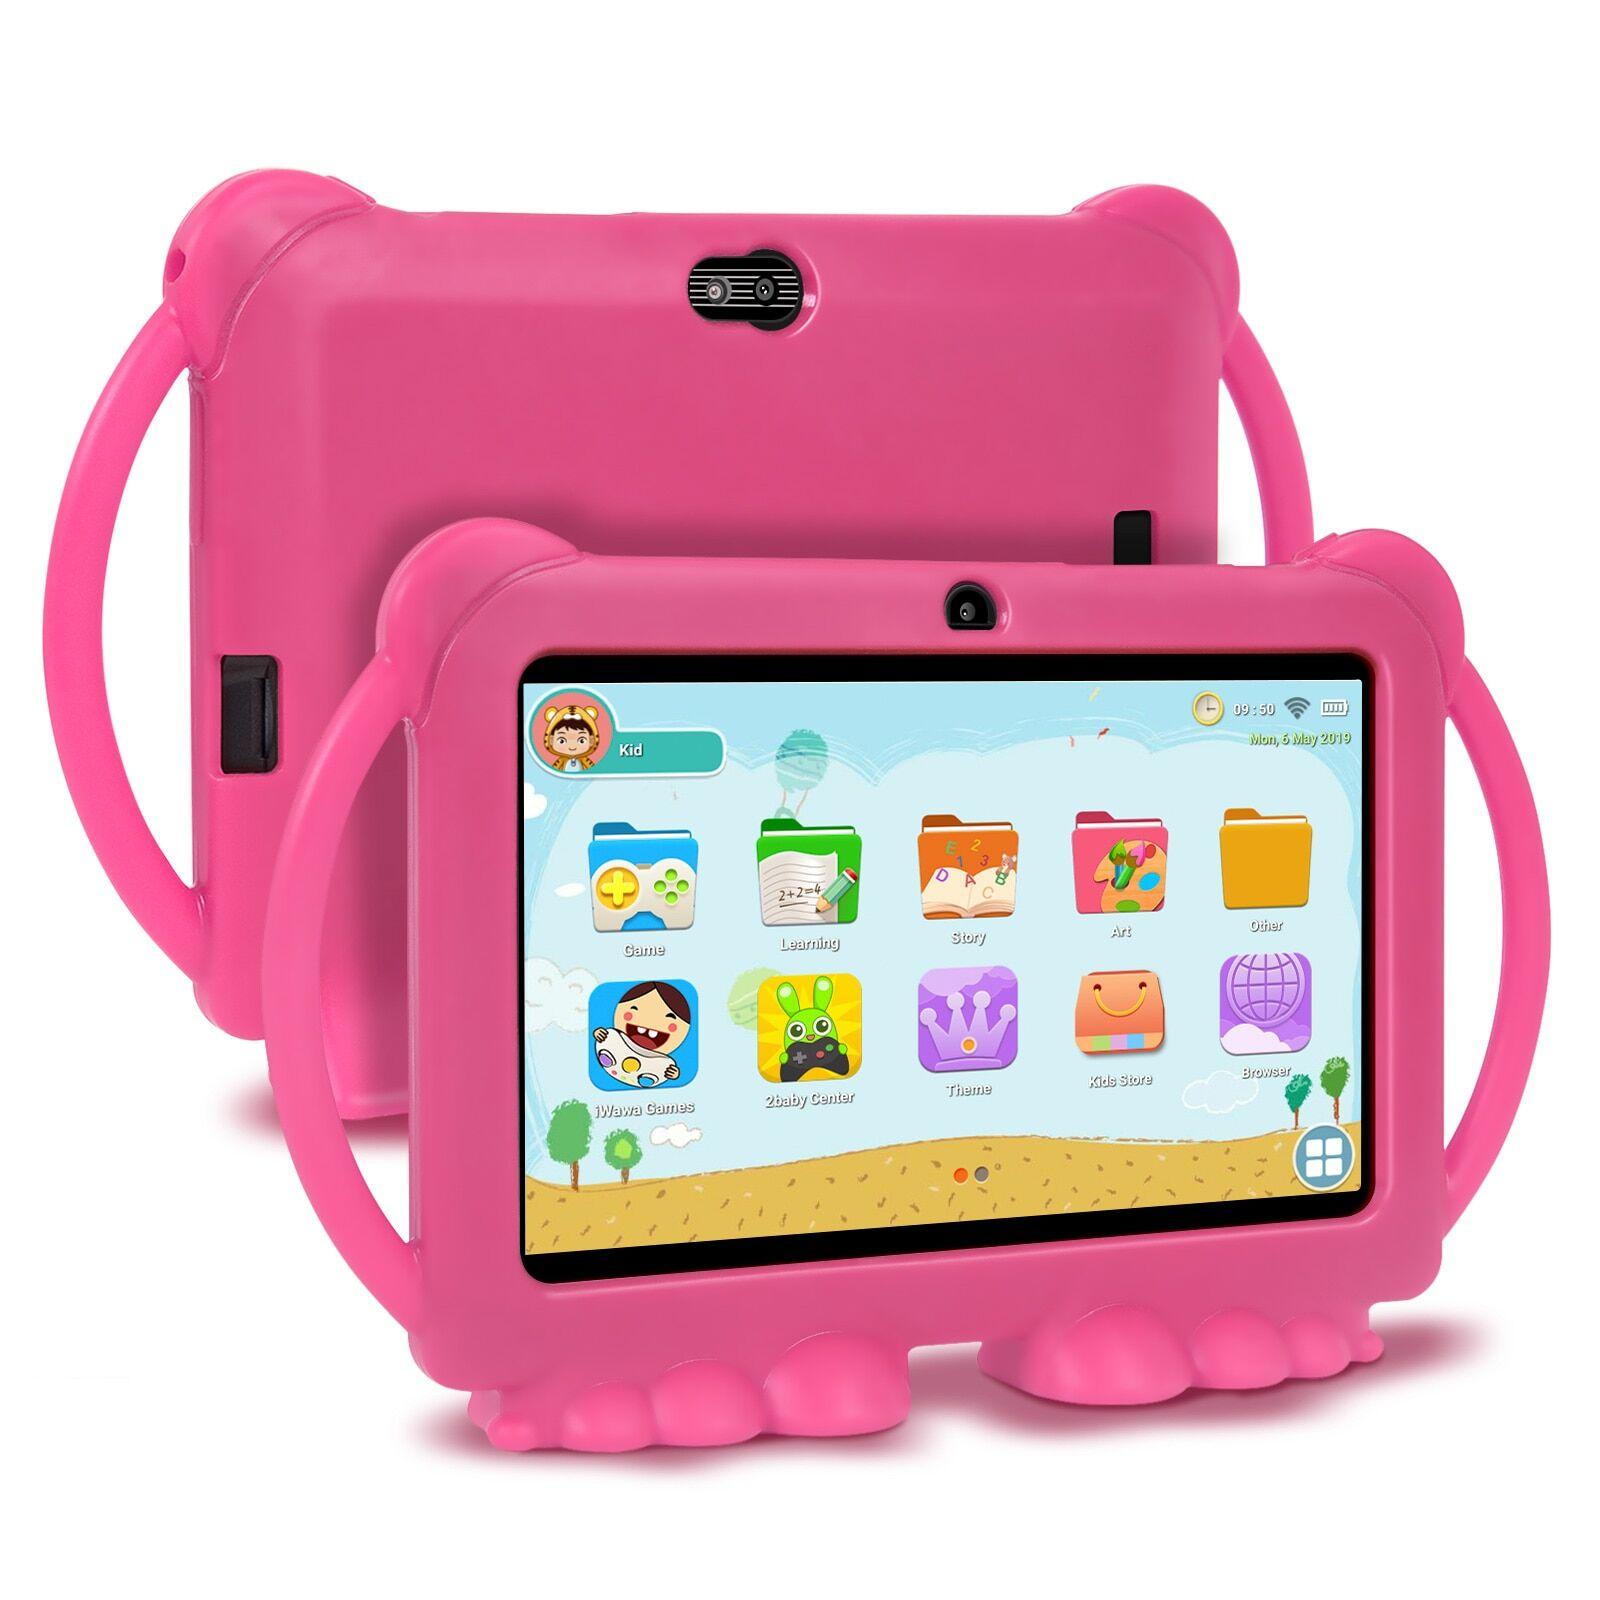 AliExpress Enfants Apprentissage ducation Tablette Cadeau Enfants Tablette 7 pouces HD avec Coque En Silicone